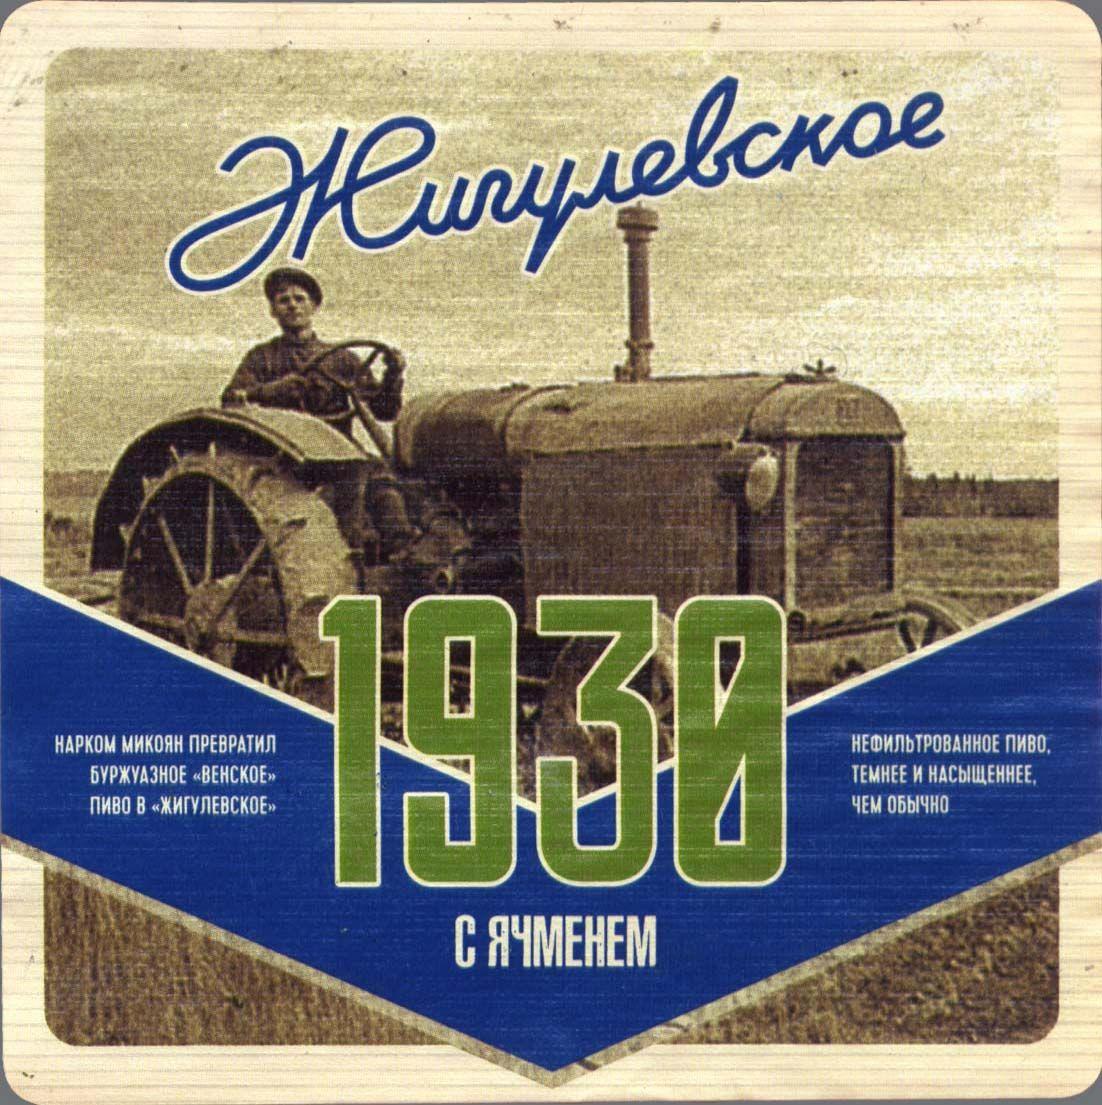 Светлое пиво Жигулевское 1930 в Воронеже логотип